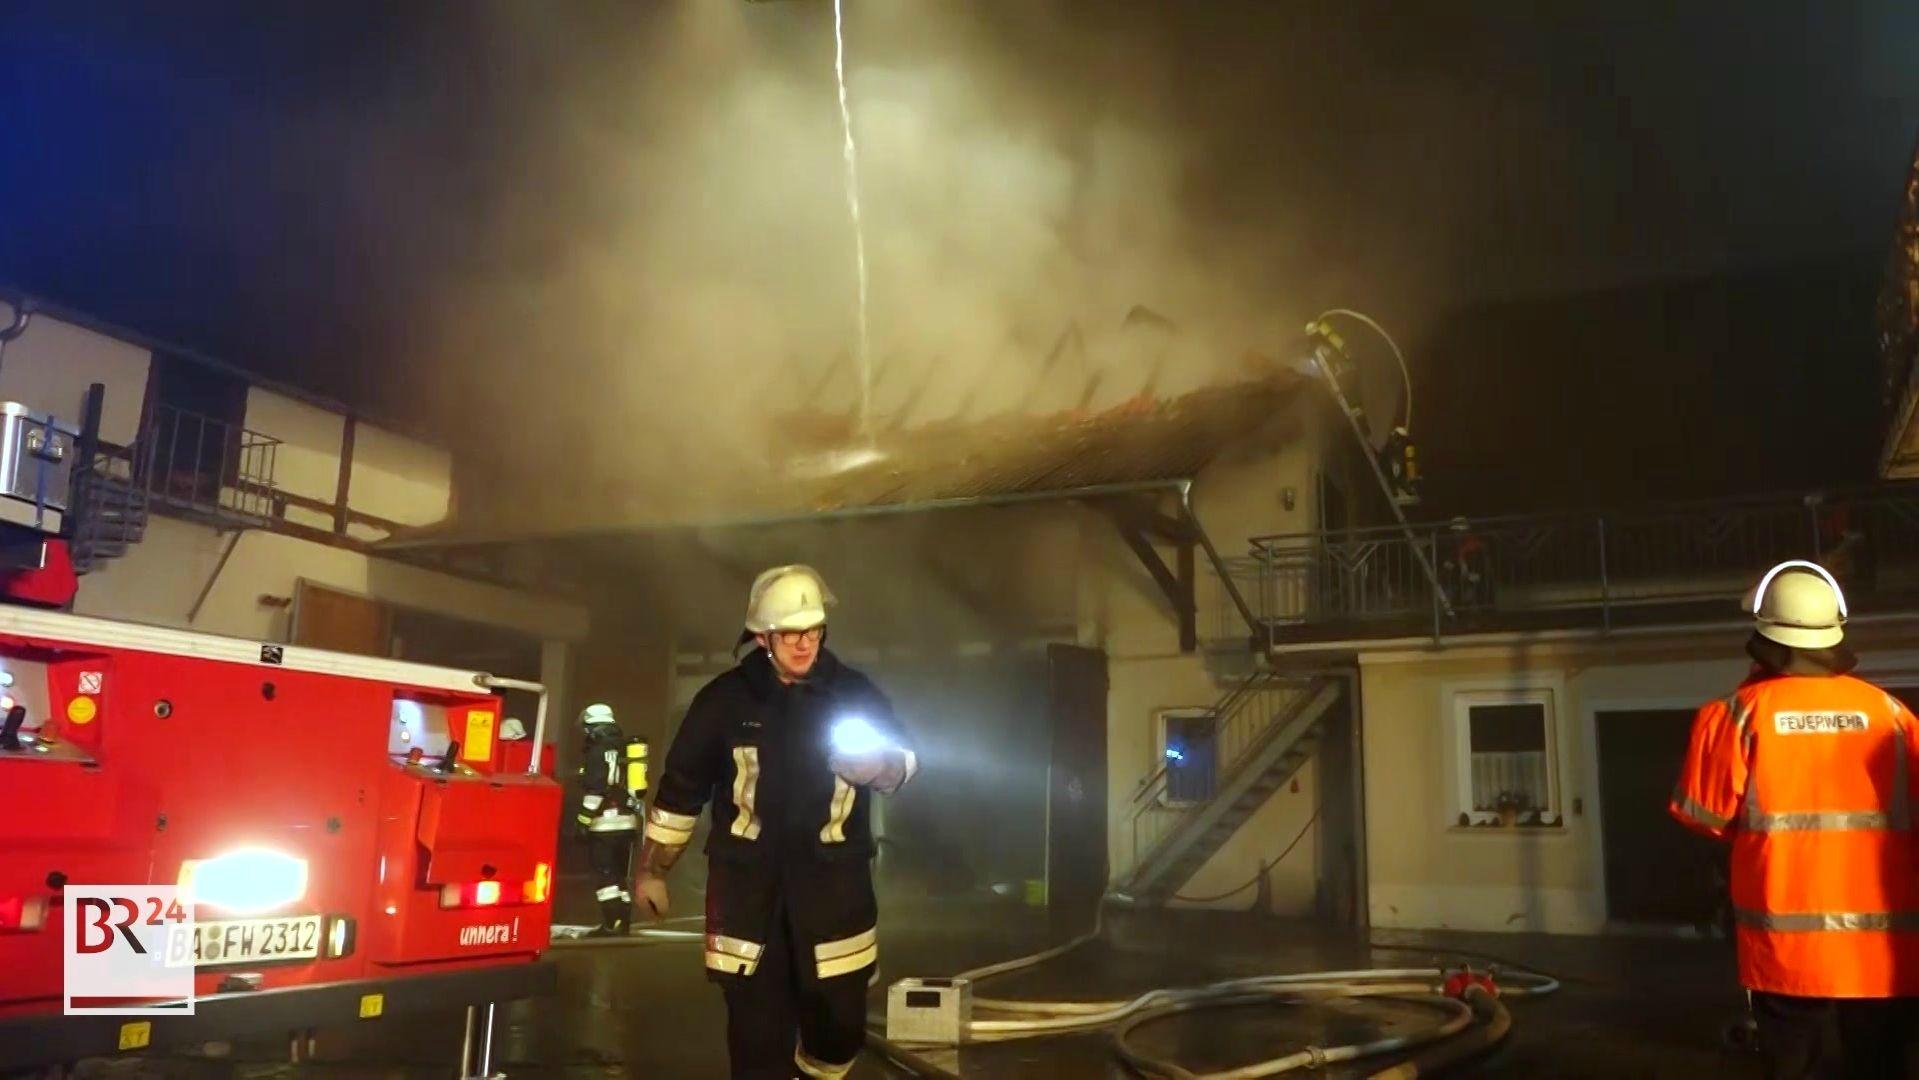 Scheunenbrand in Ampferbach bei Burgebrach im Landkreis Bamberg. Der Dachstuhl qualmt, die Balken liegen frei. Zwei Feuerwehrmänner sind im Einsatz.